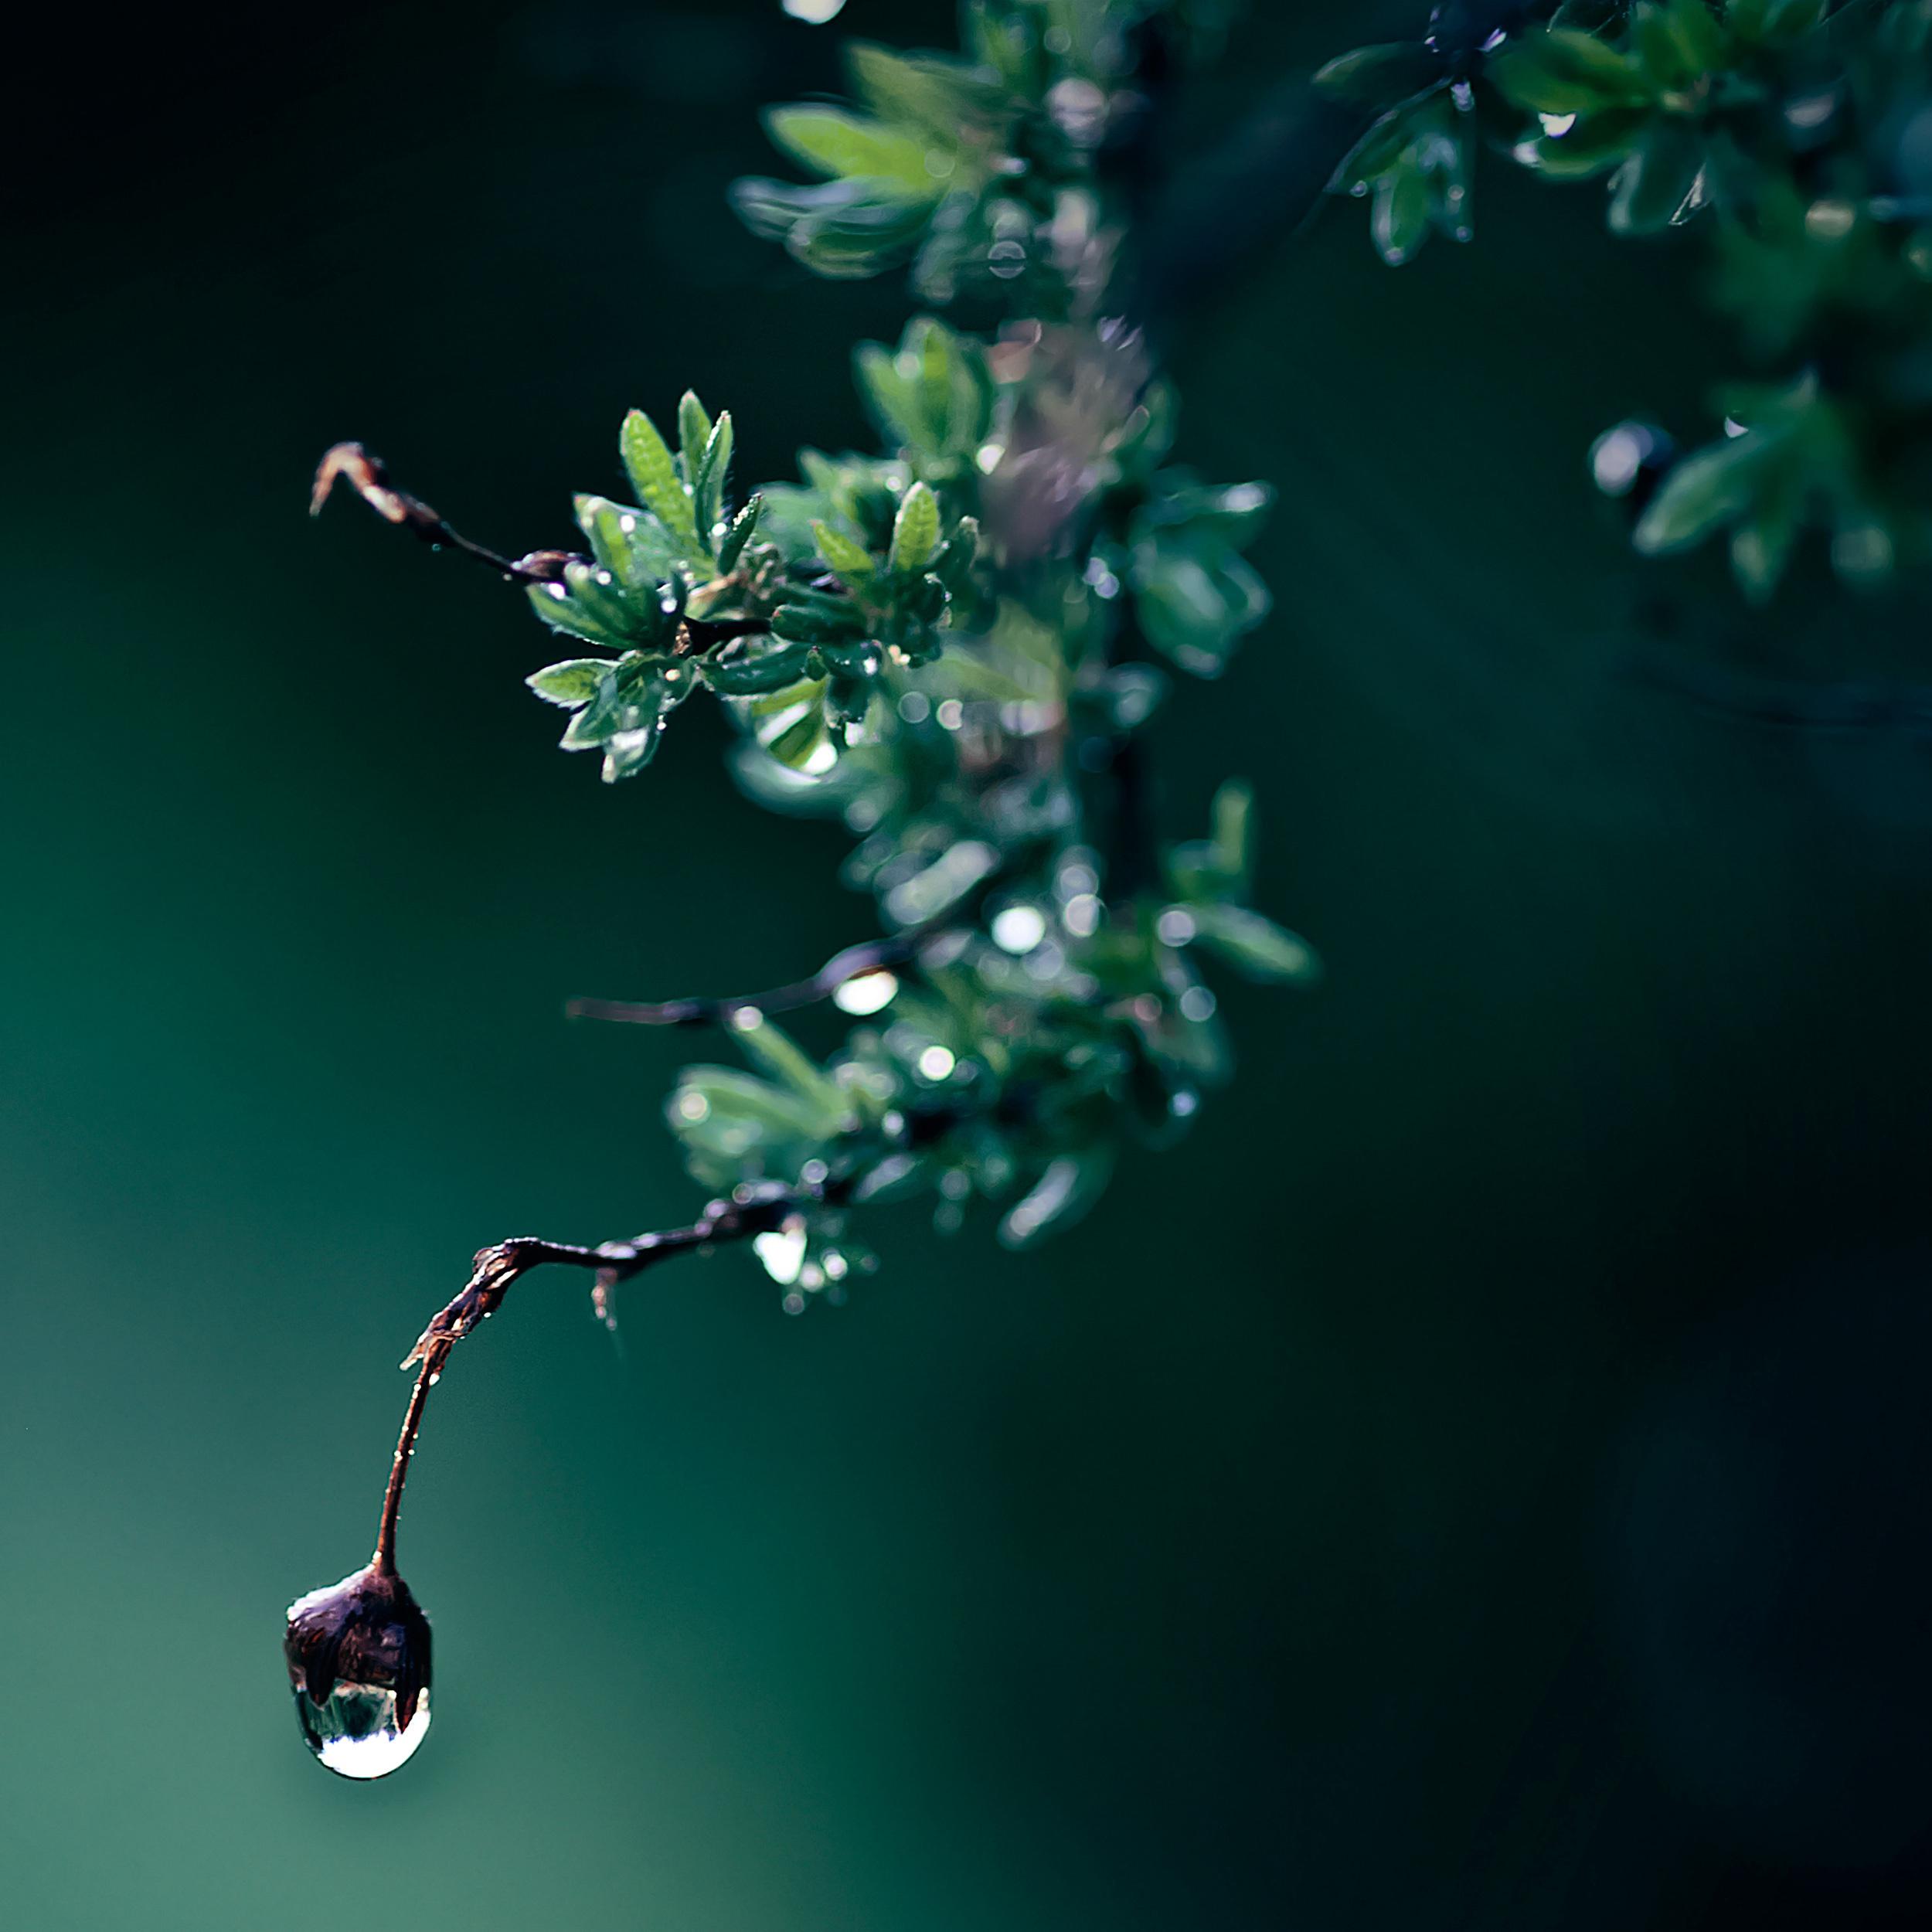 ветка макро зелень цветы скачать